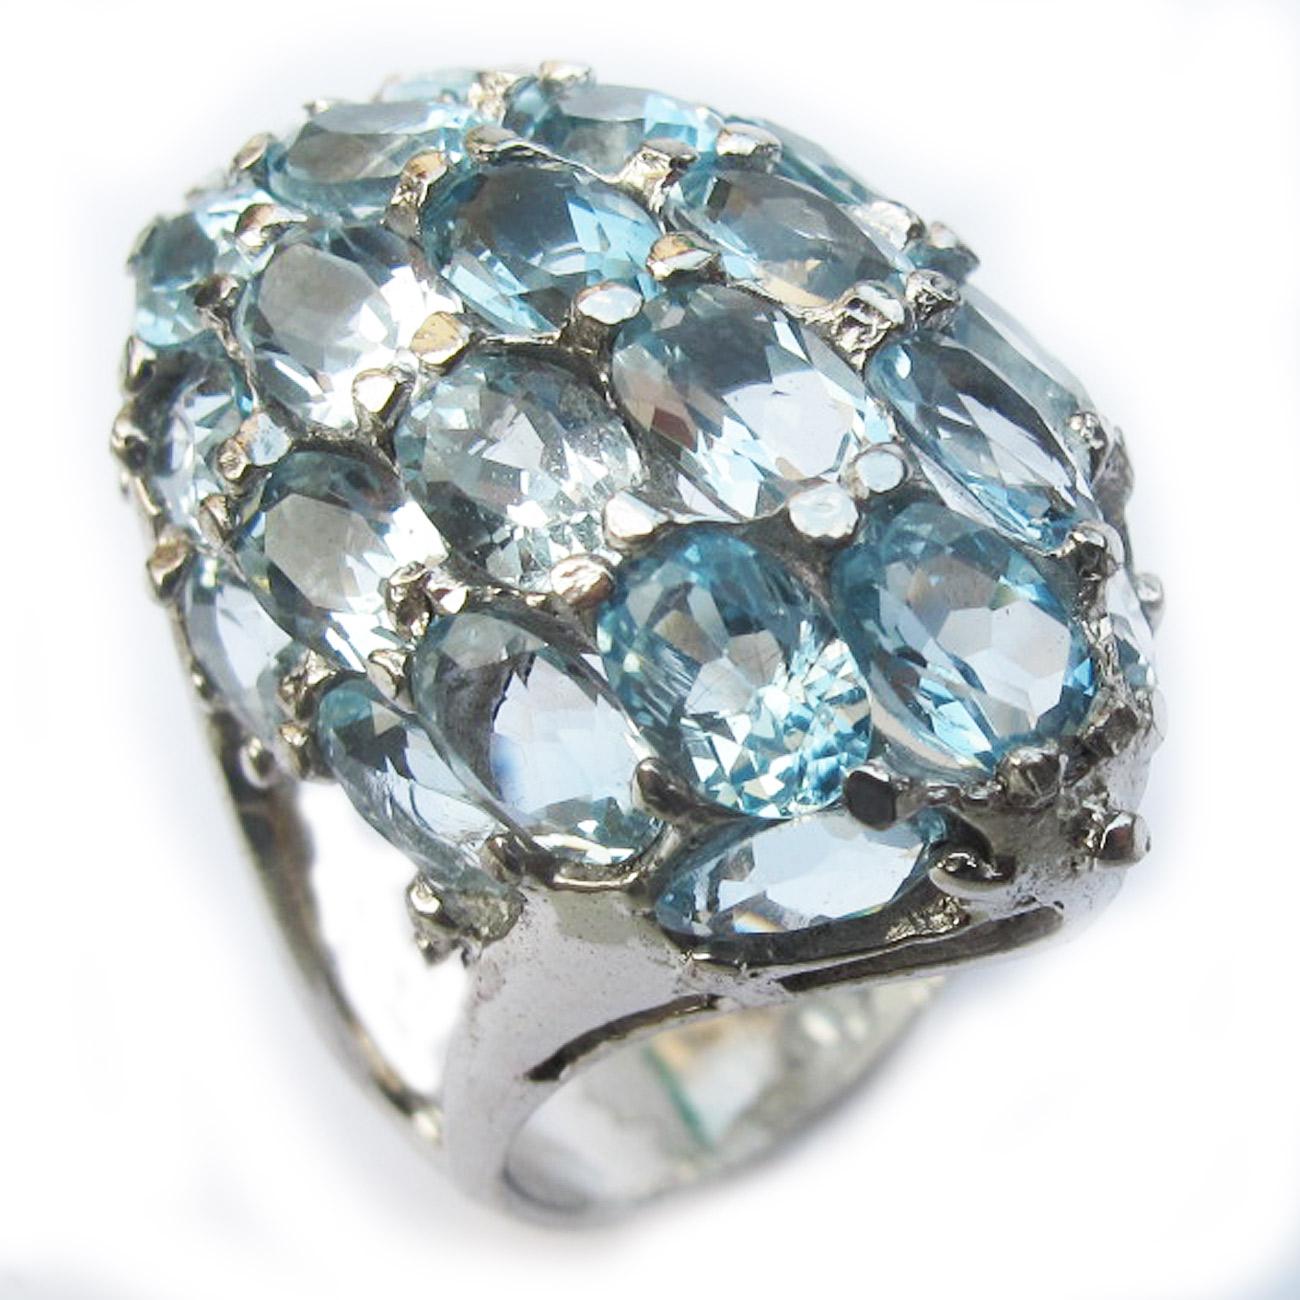 แหวนพลอย บลูโทแพส